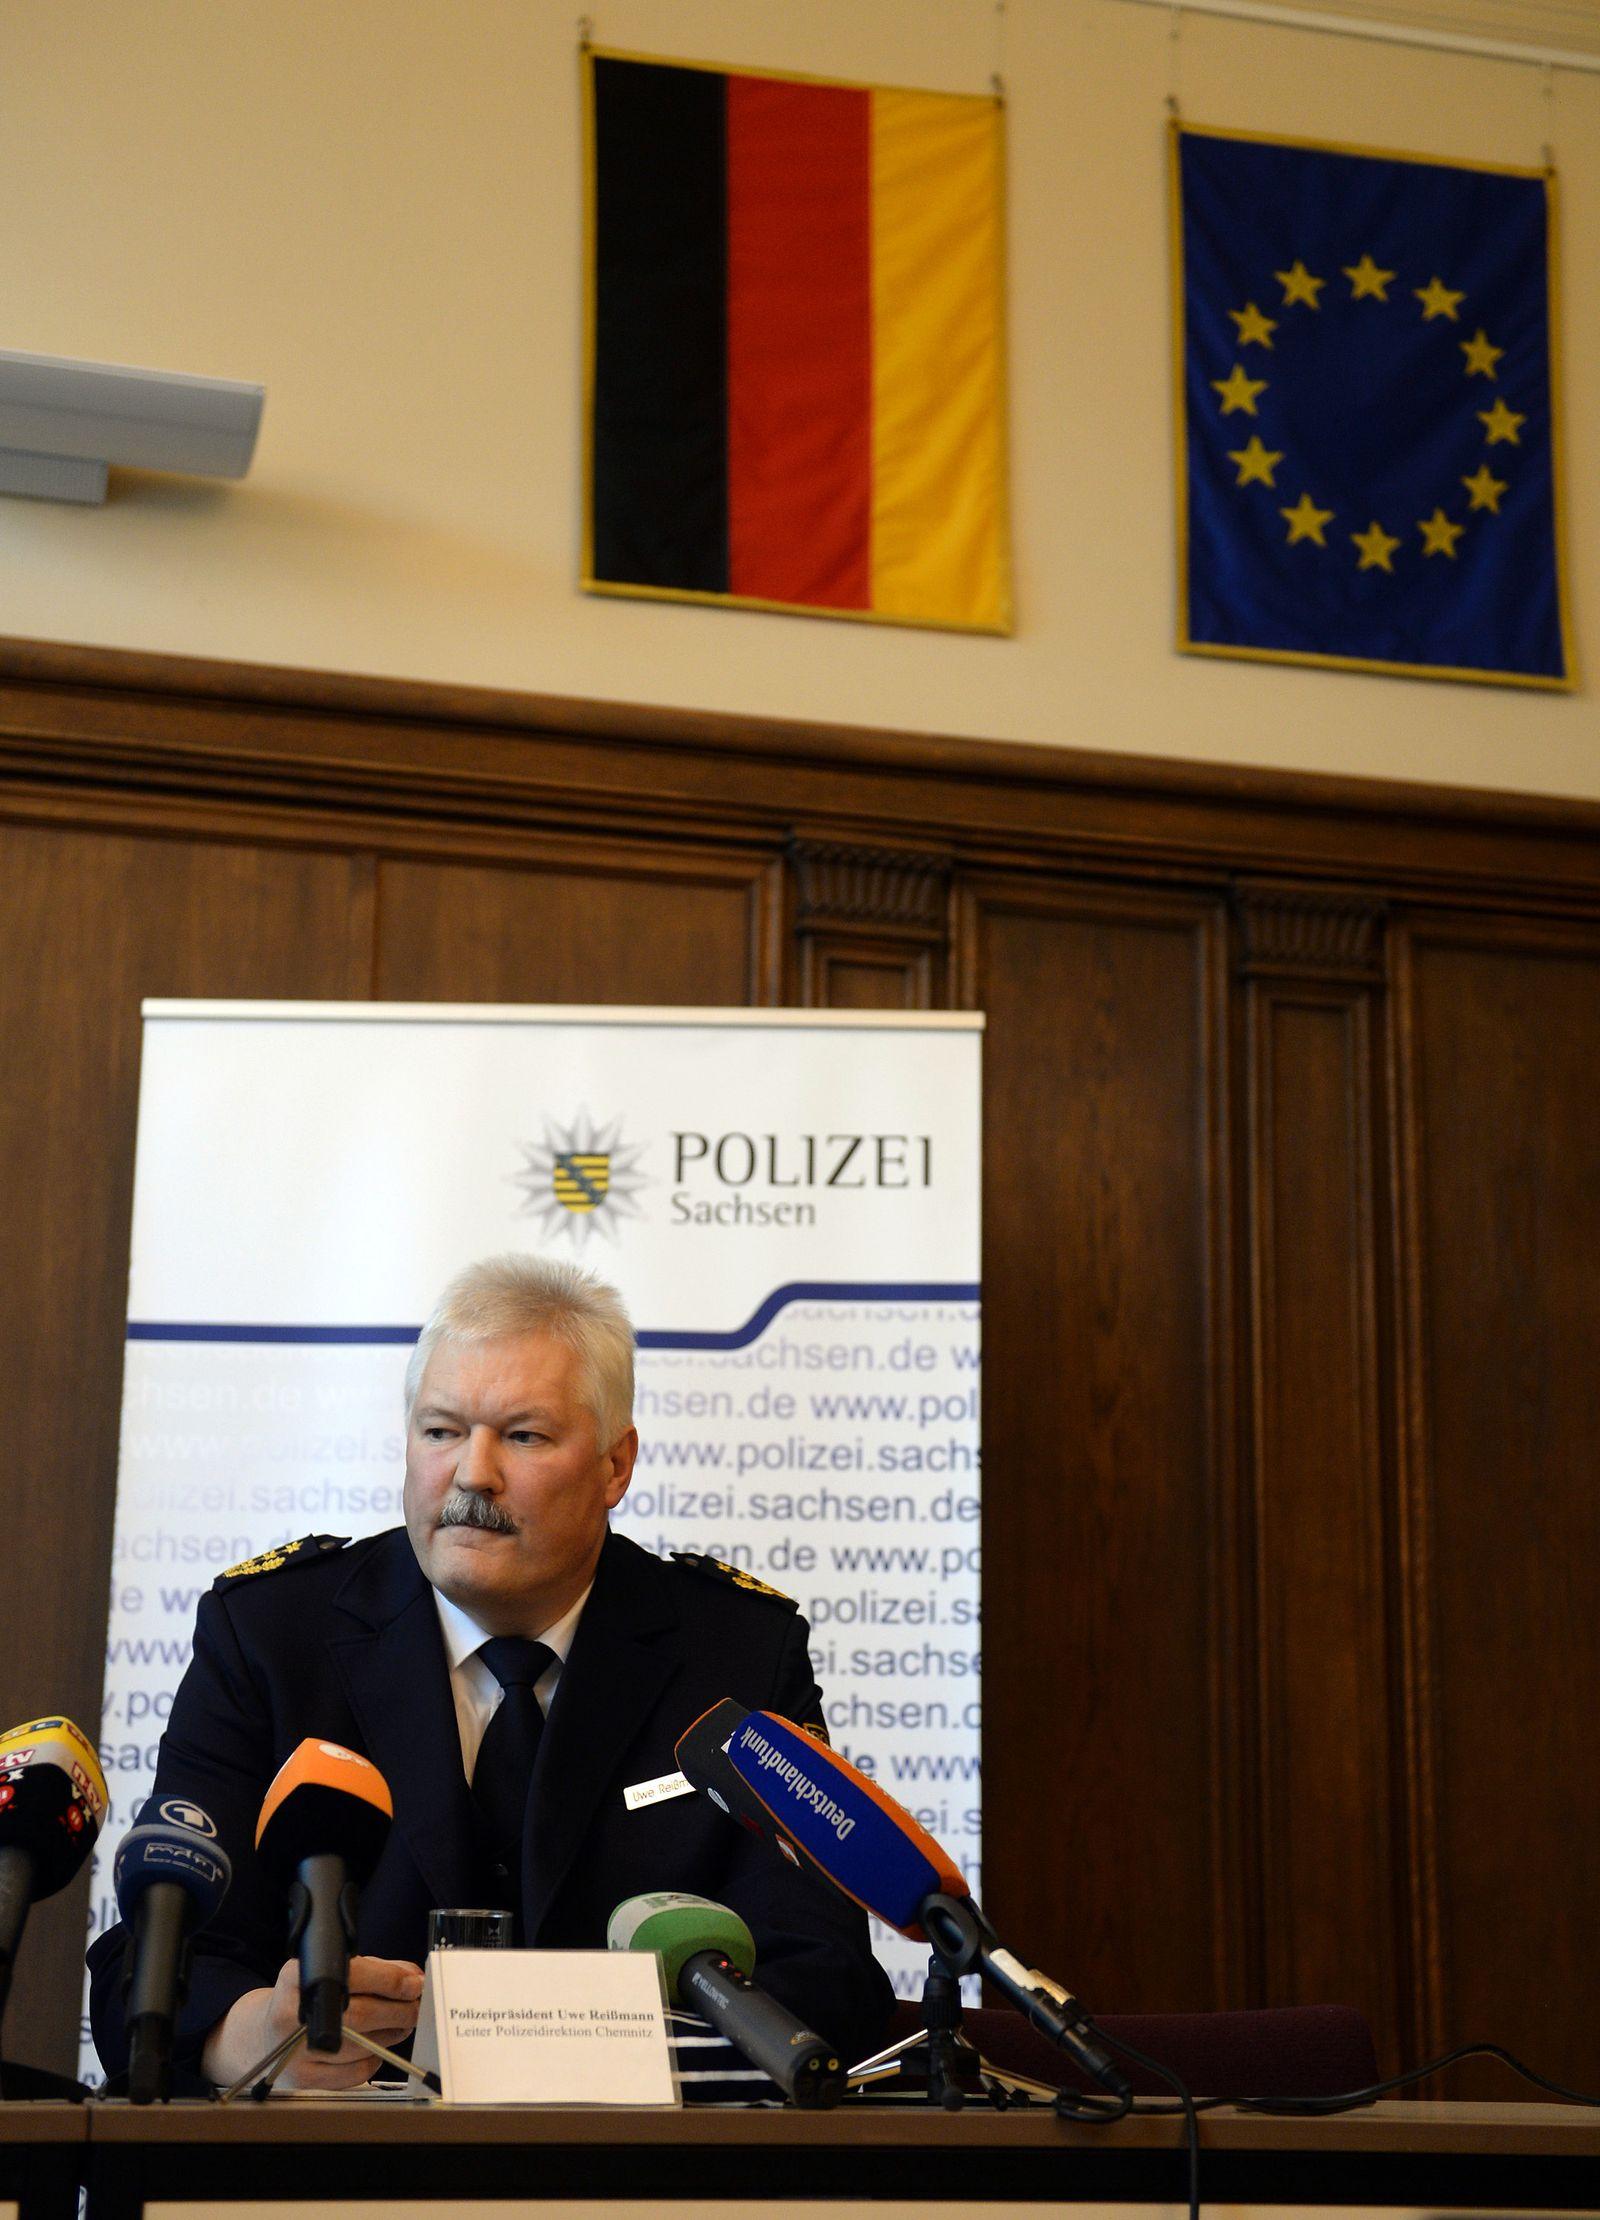 PK Polizei Chemnitz zu Einsatz vor Asylunterkunft in Clausnitz